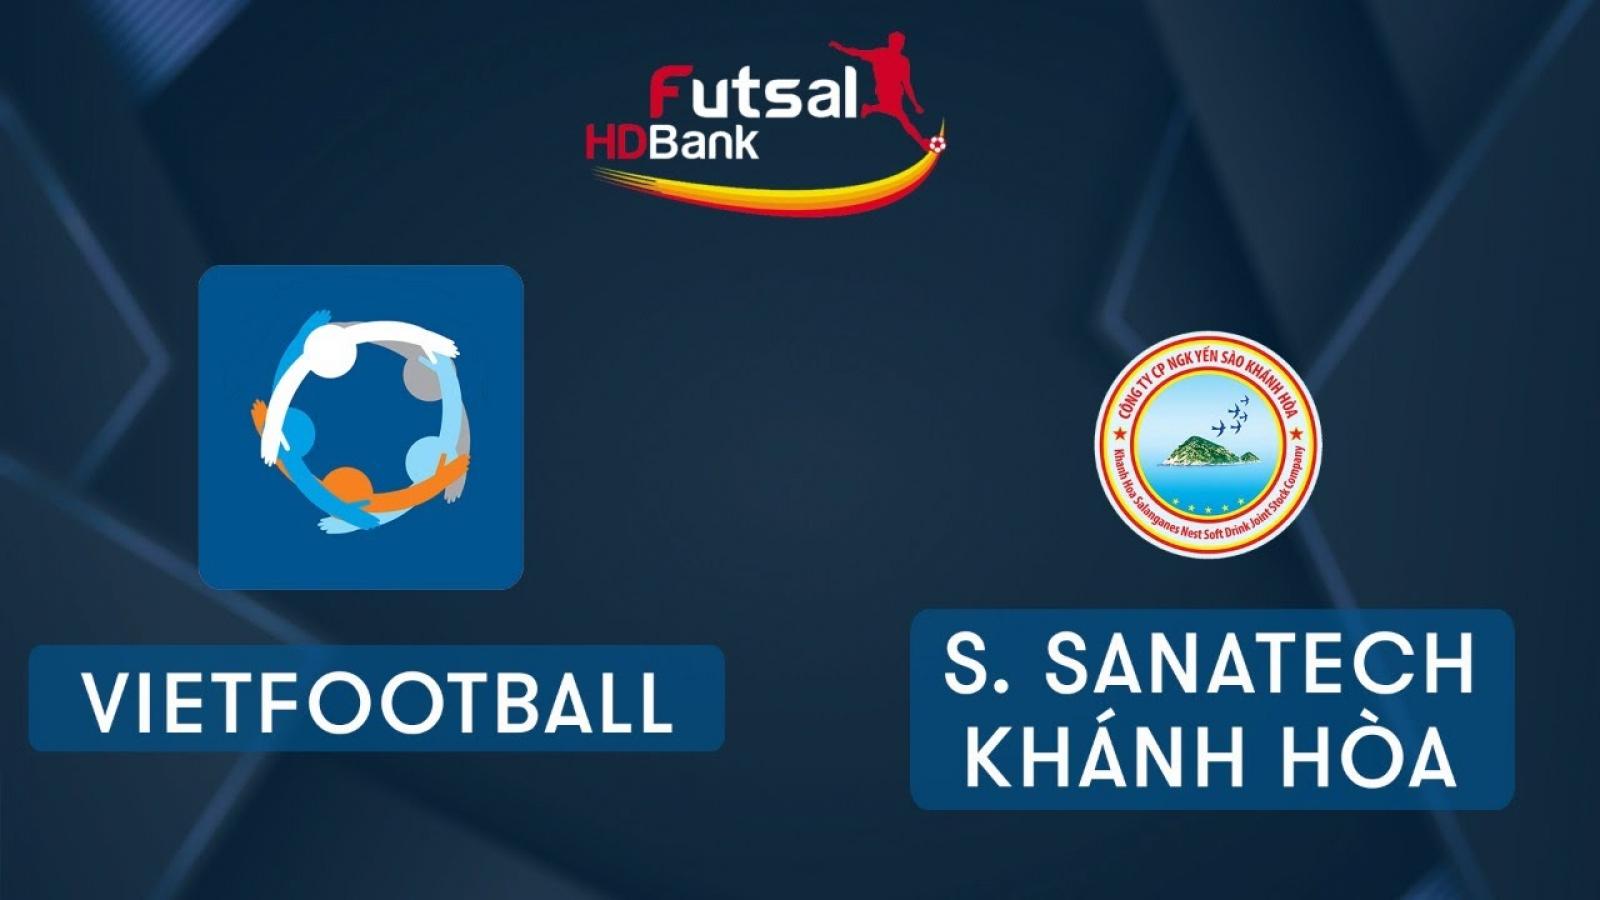 Xem trực tiếp Futsal HDBank VĐQG 2020: Vietfootball - Sanatech Khánh Hòa